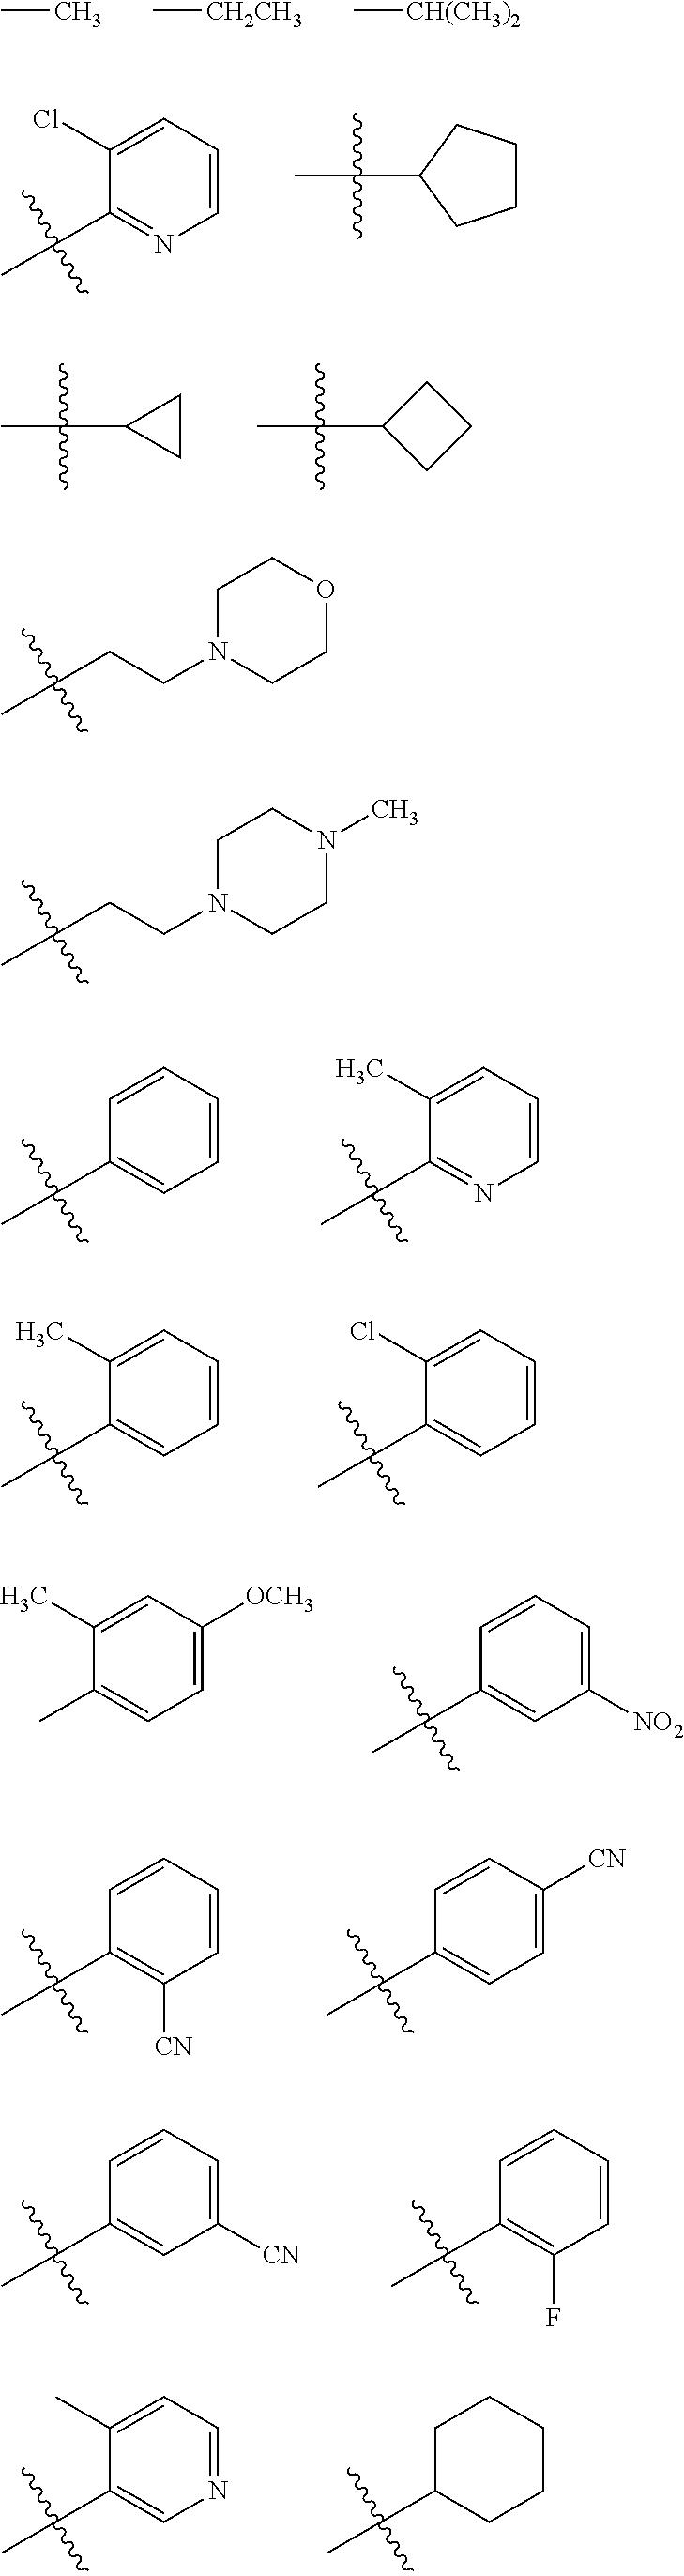 Figure US09056877-20150616-C00031